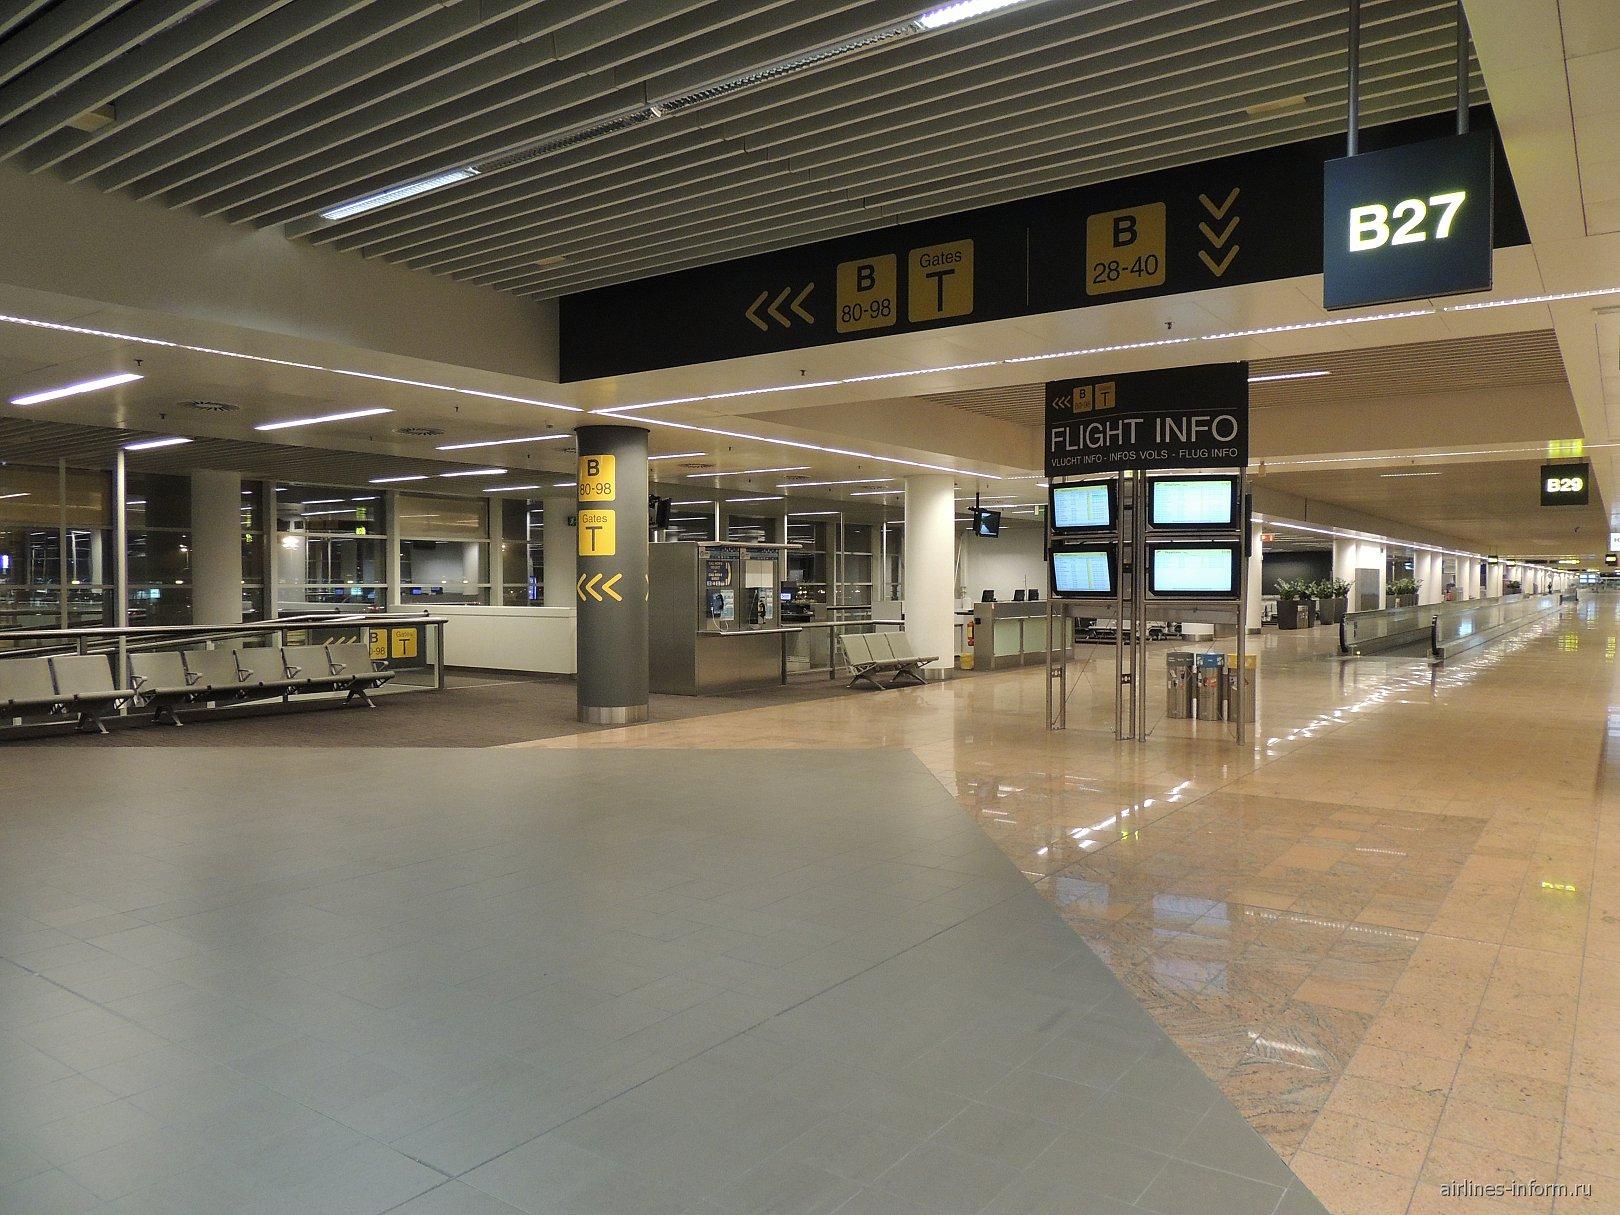 Выходы на посадку в секторе В аэропорта Брюссель